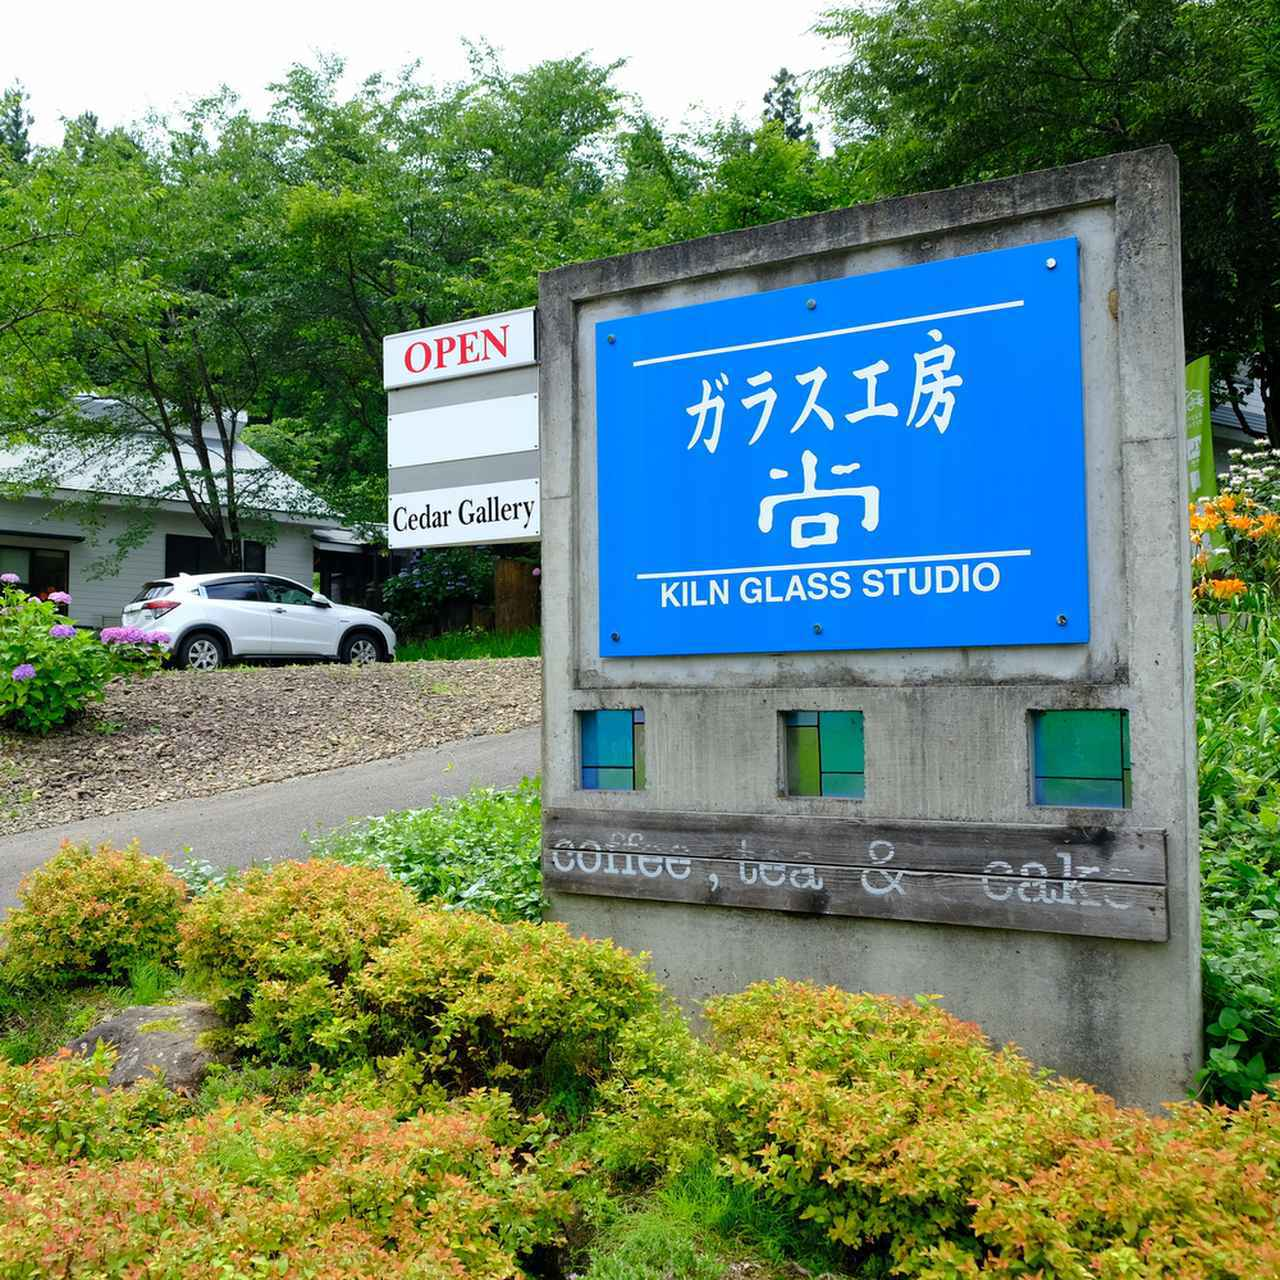 画像: お次は「ガラス工房 尚」さんへ。鍋田 尚男さんの工房です。鍋田さんは日本各地で個展を開催されているだけでなく、海外での展示でも人気を博す注目のガラス工芸作家です。